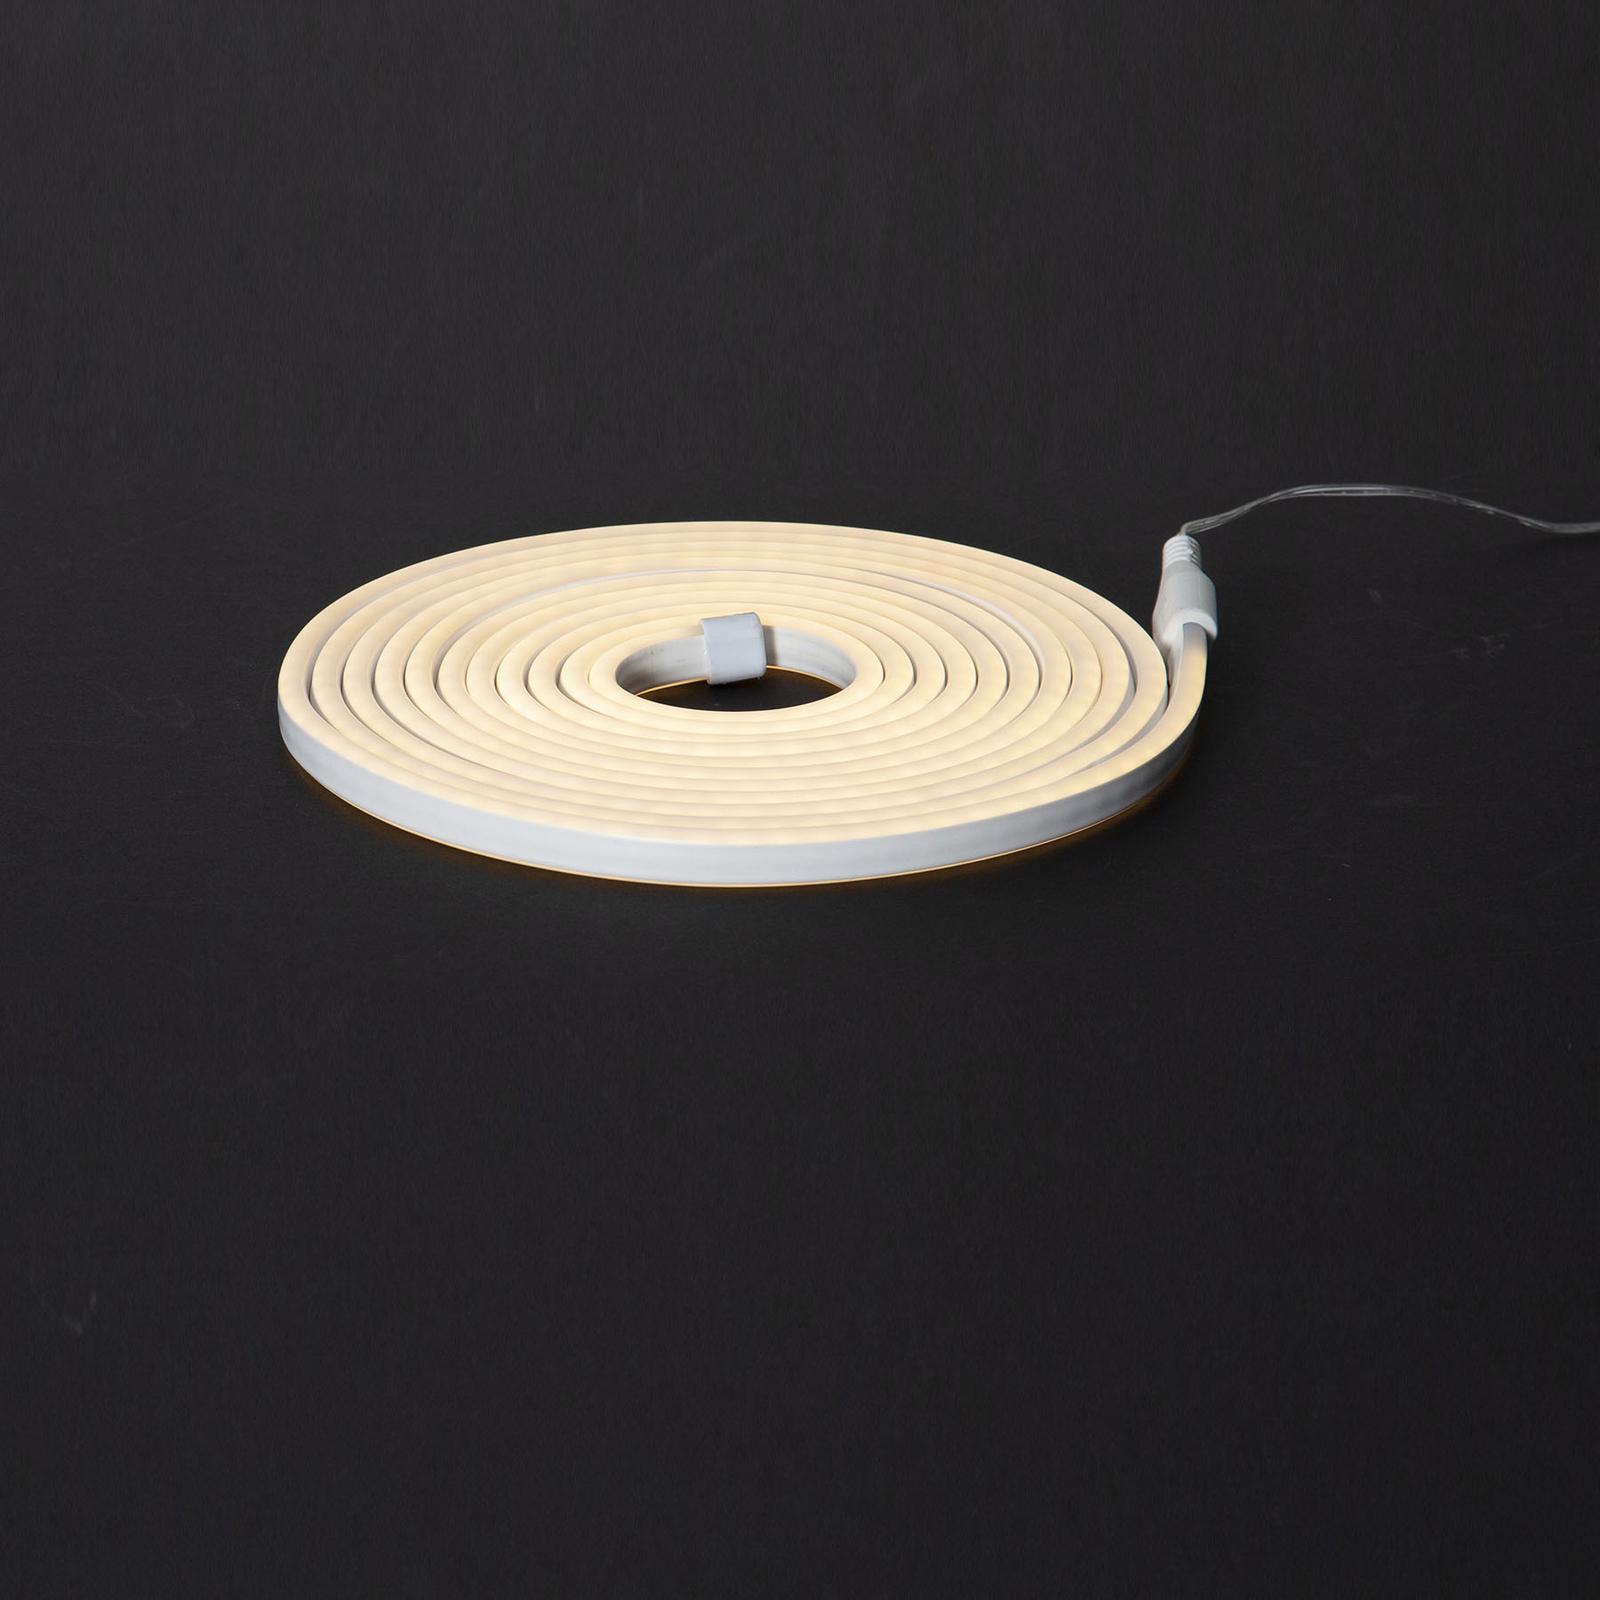 LED-ljusslang Flatneon 2800K